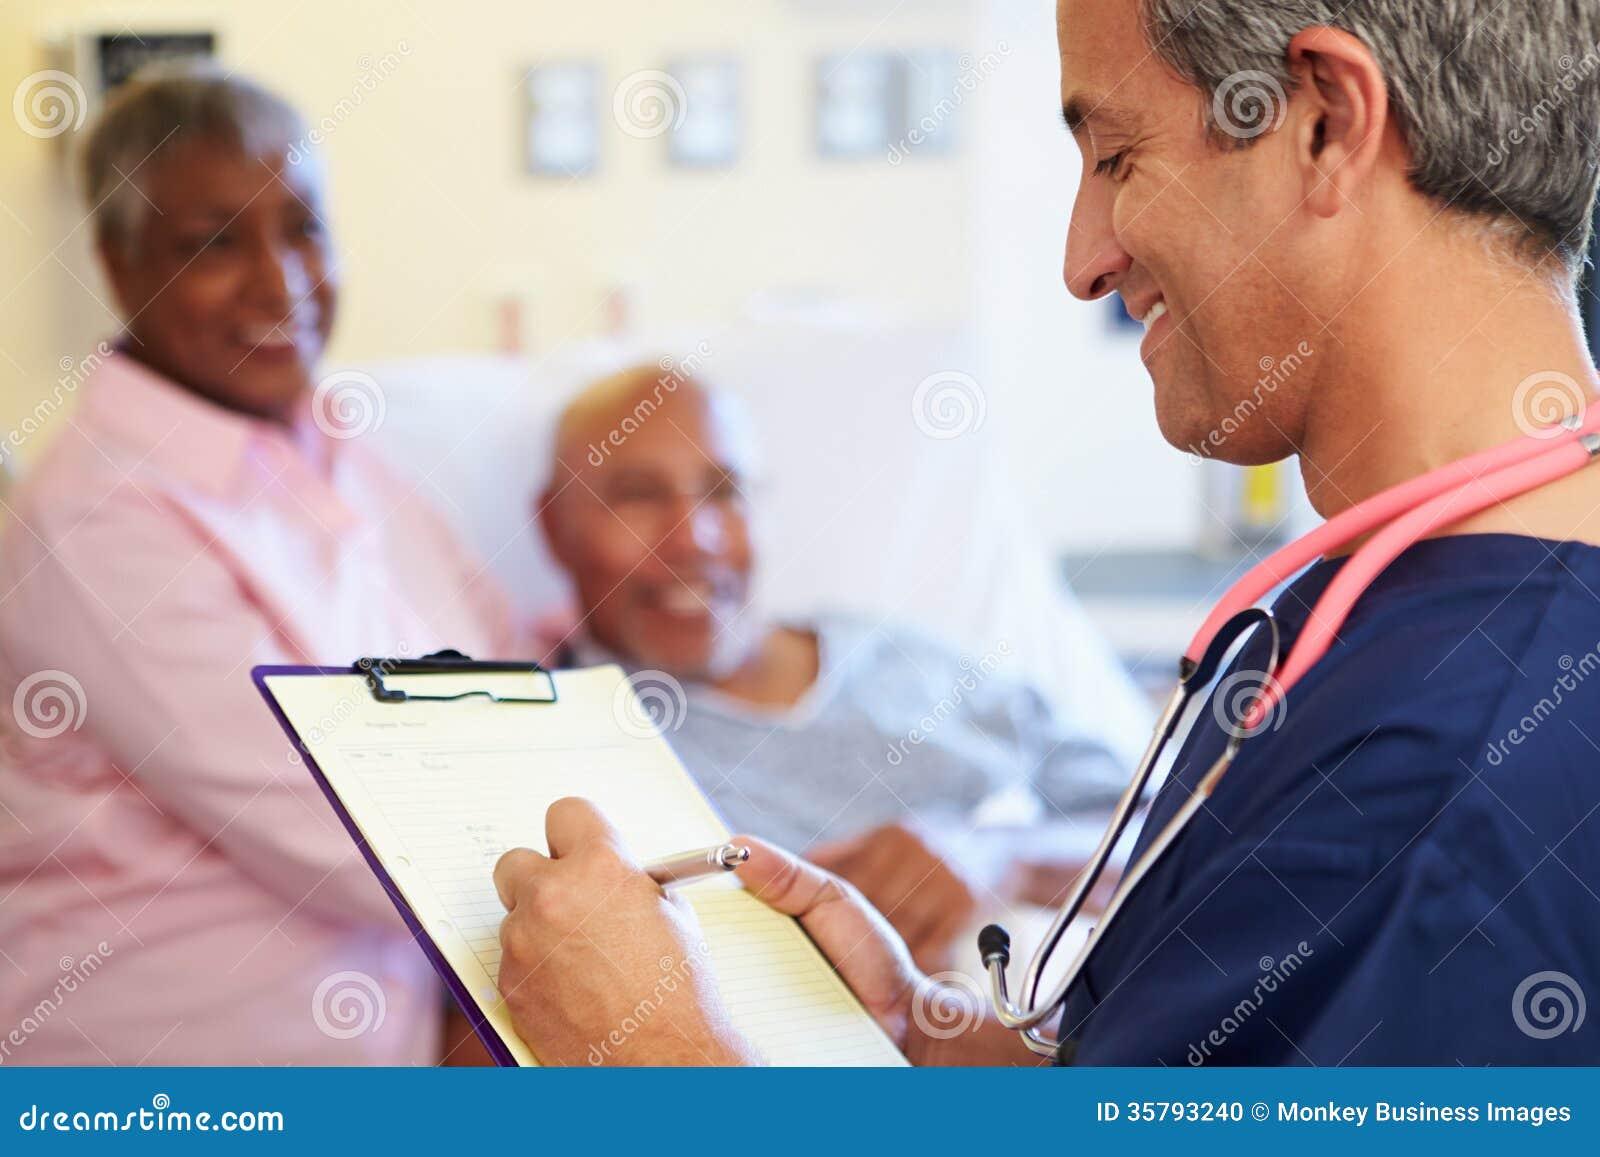 Κλείστε επάνω νοσοκόμος που ενημερώνει τις υπομονετικές σημειώσεις